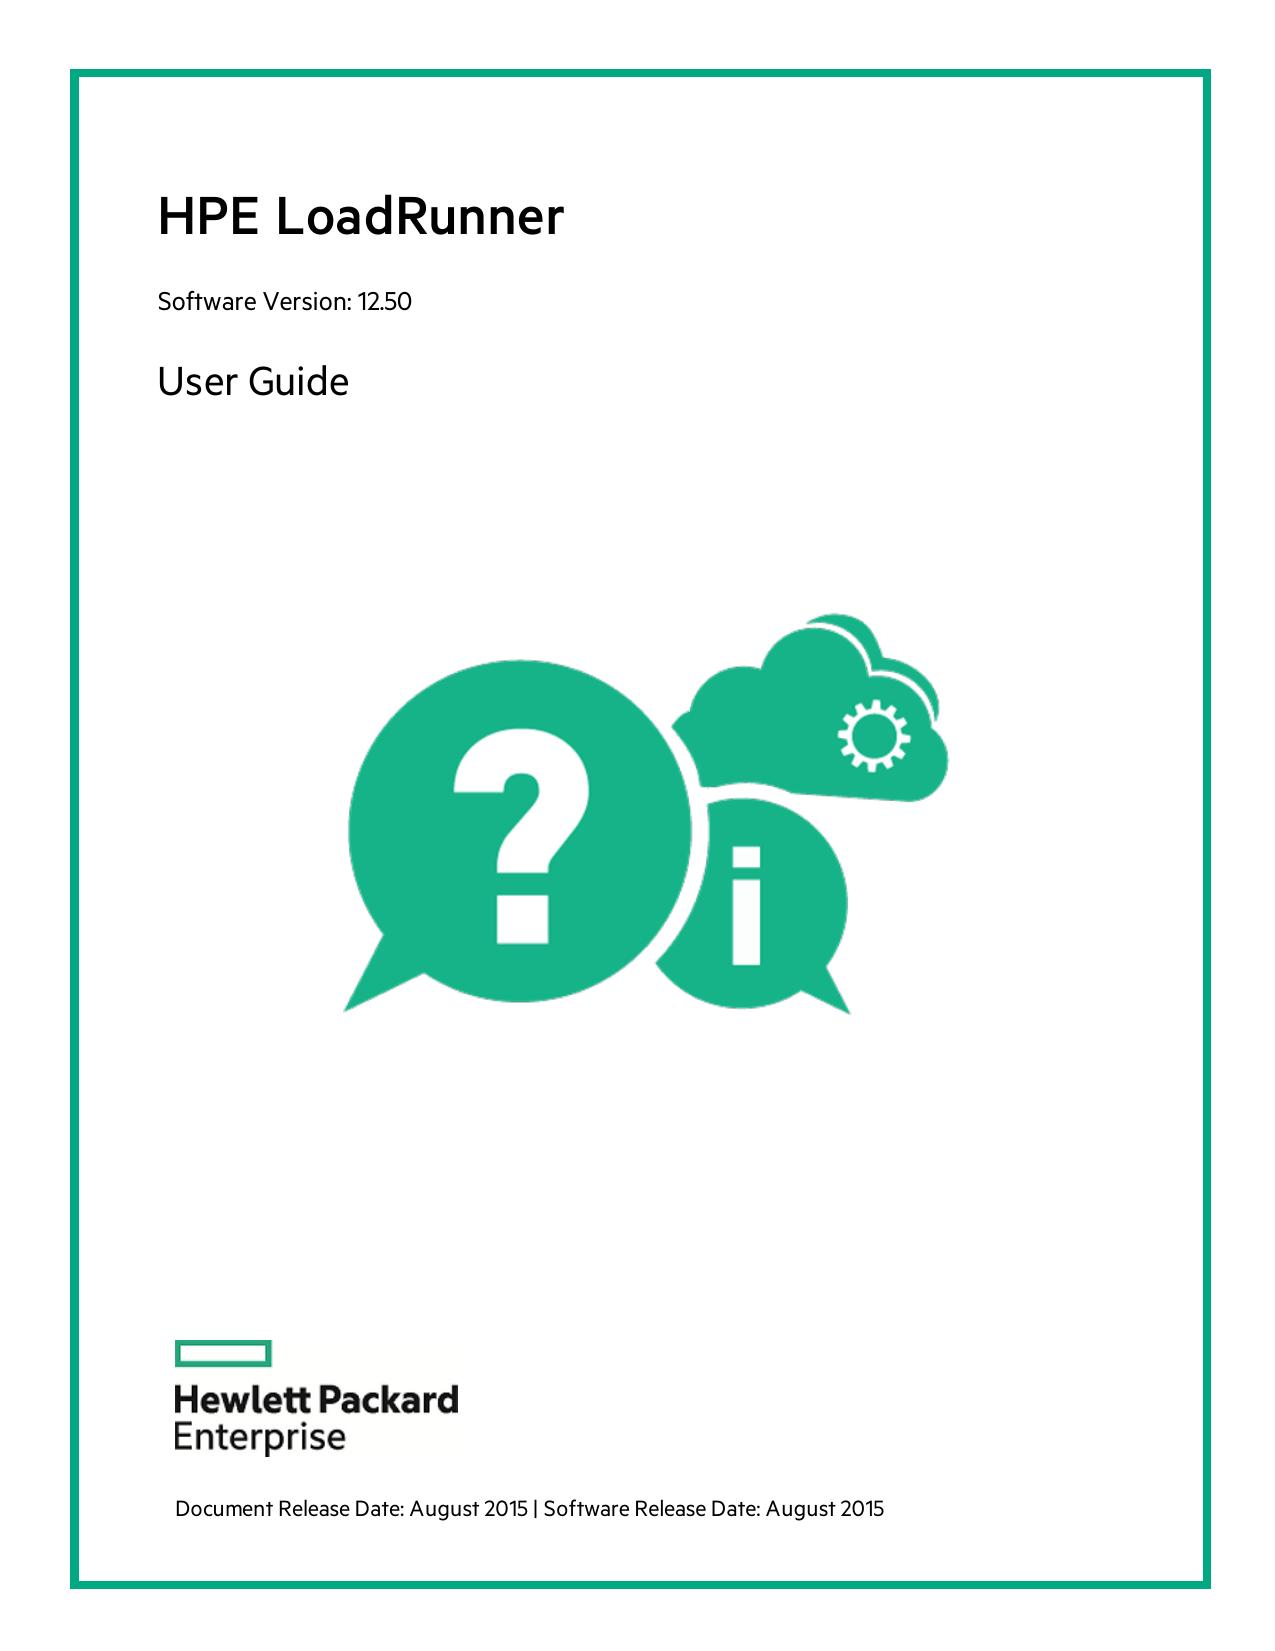 HPE LoadRunner User Guide - HPE LoadRunner Help Center